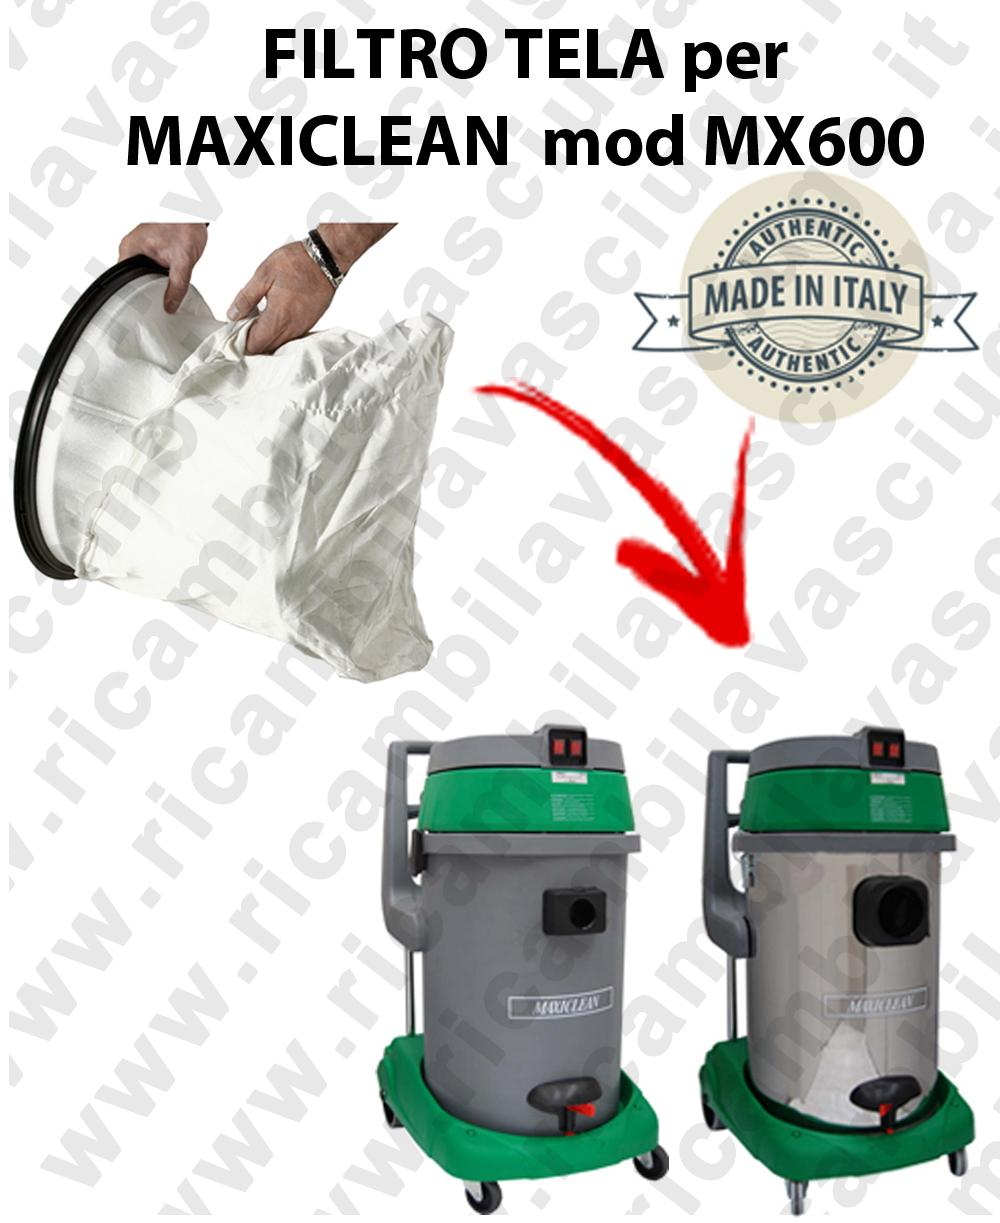 SACCO Filtro de Nylon cod: 3001220 para aspiradora MAXICLEAN Model MX600